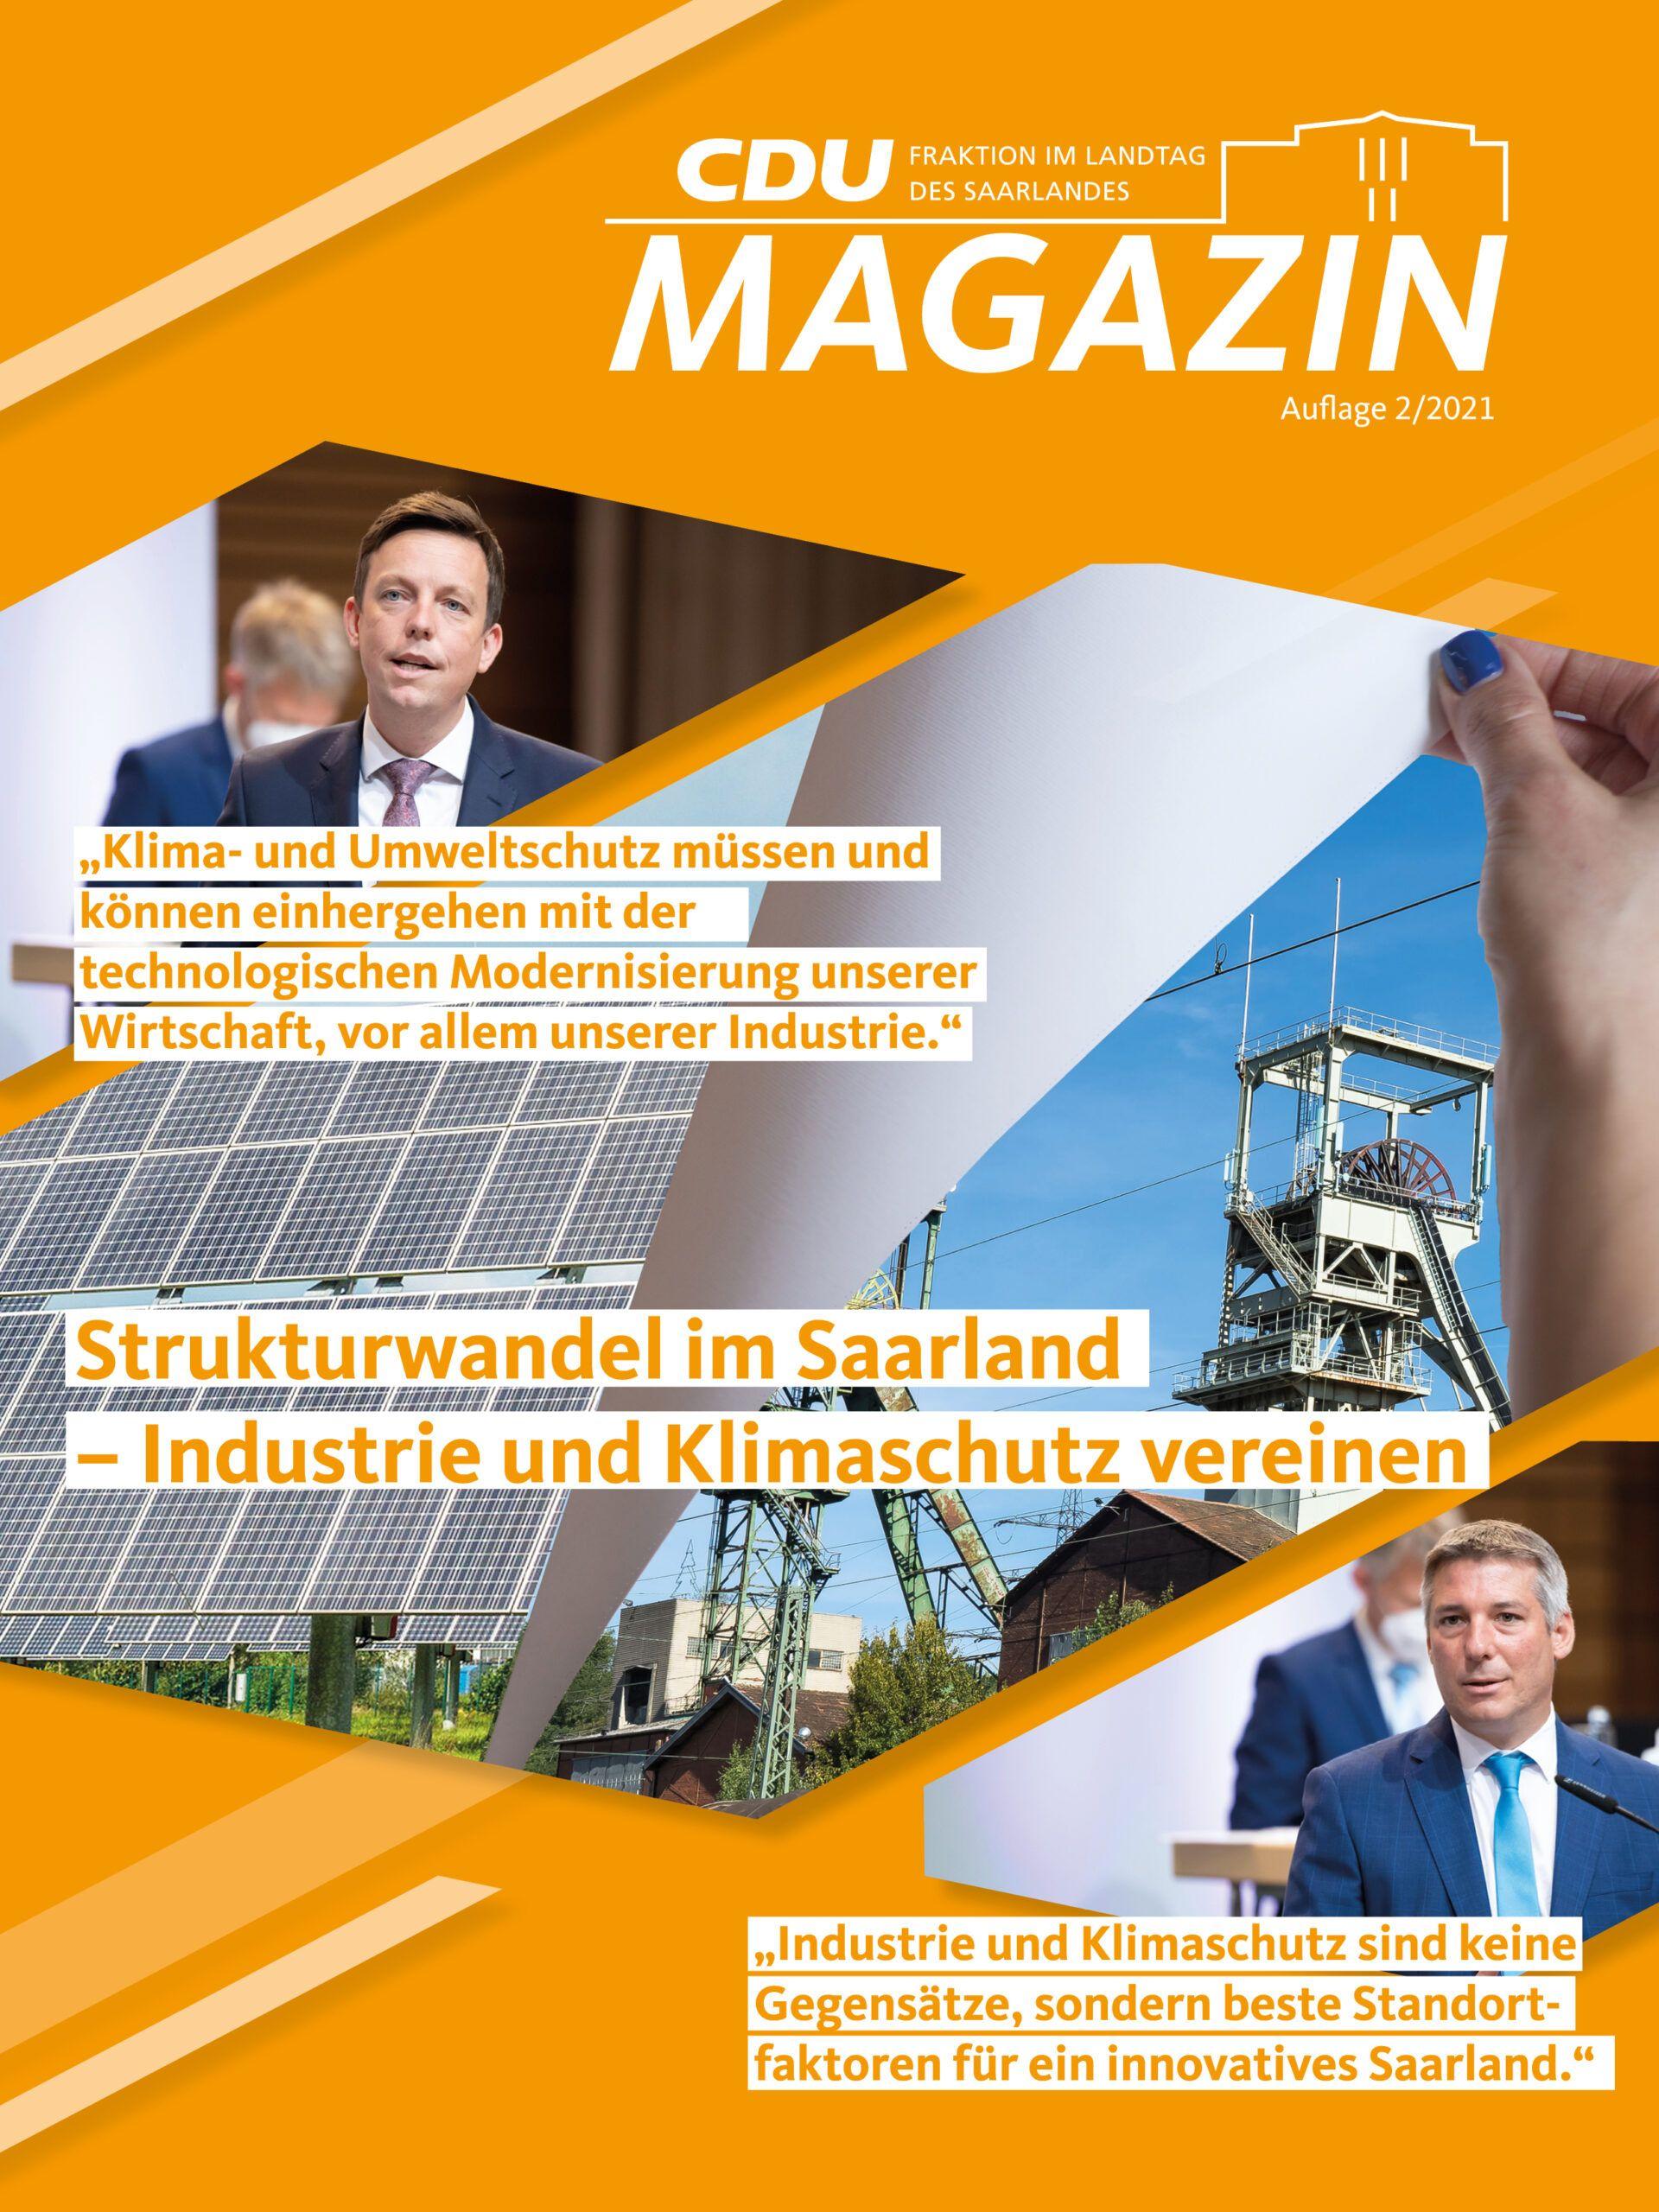 CDU Fraktion des Saarlandes: Neue Ausgabe unseres MAGAZINS (02_2021) ist da – Jetzt lesen!